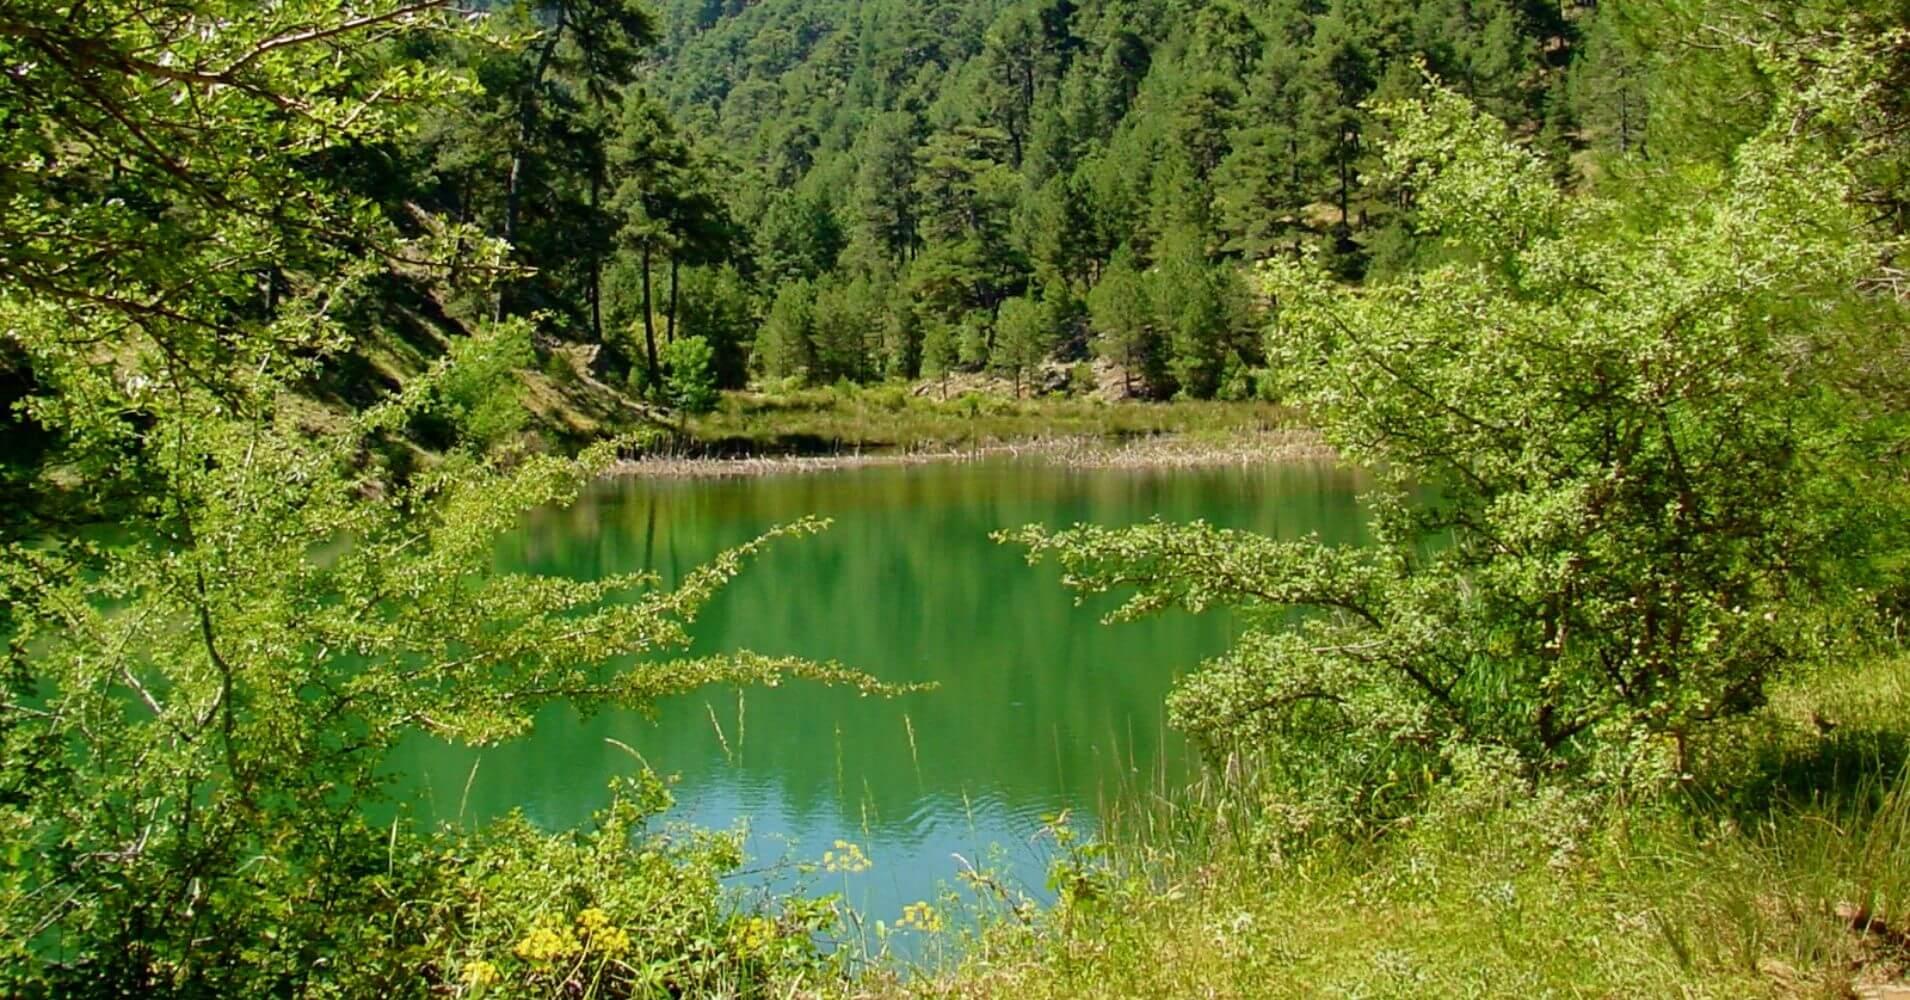 Lagunas de Valdeazores. Parque Natural de Cazorla, Jaén. Andalucía.